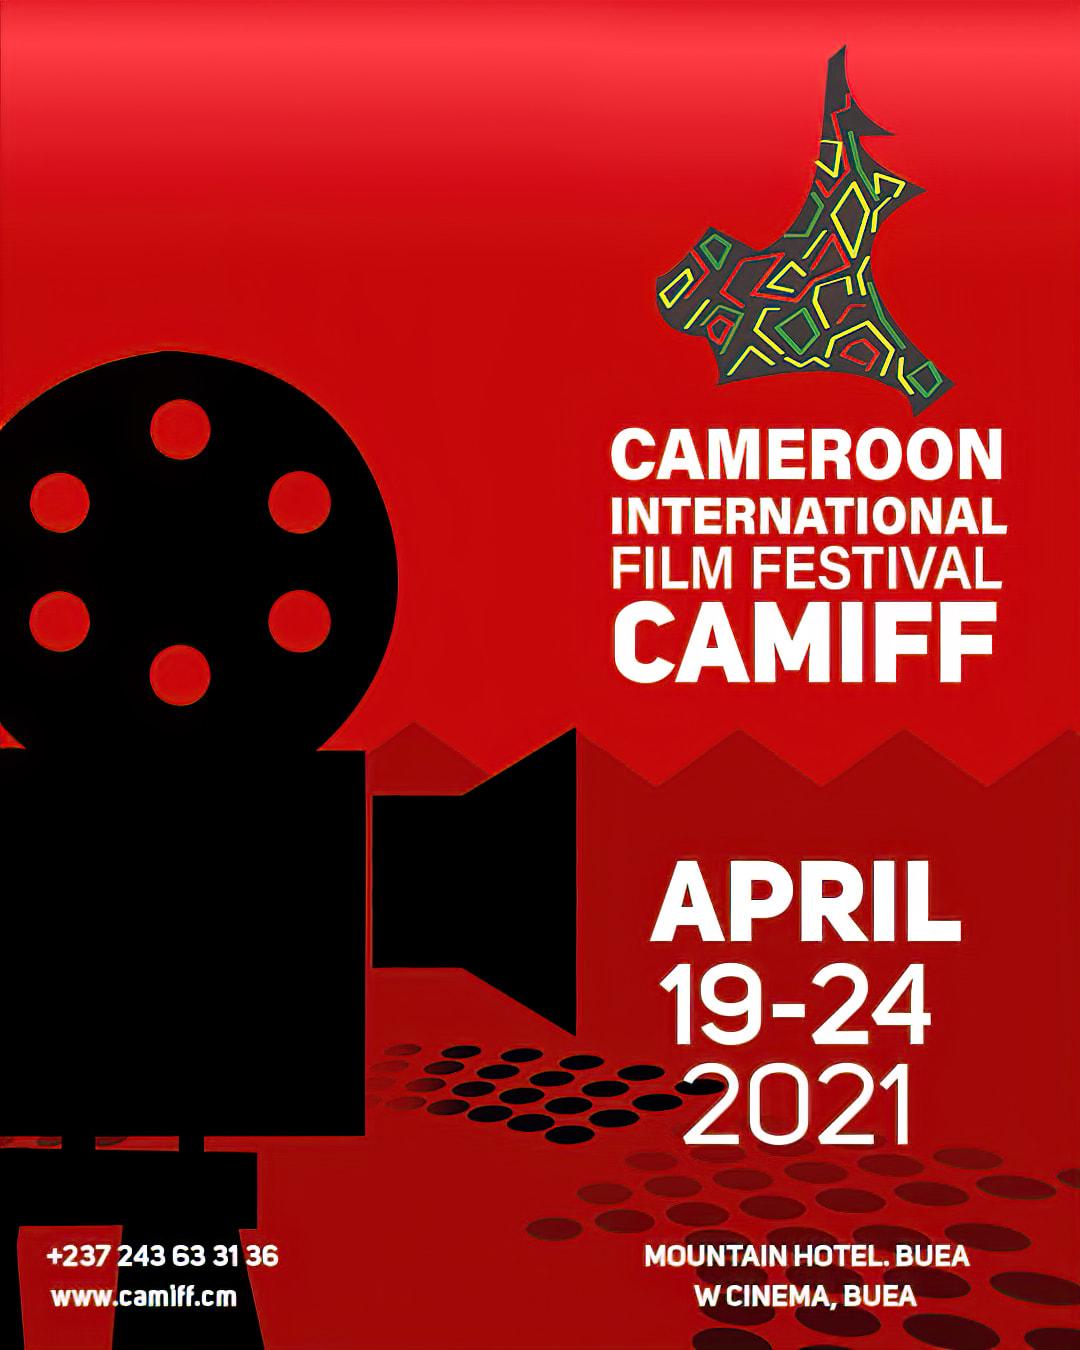 CAMIFF